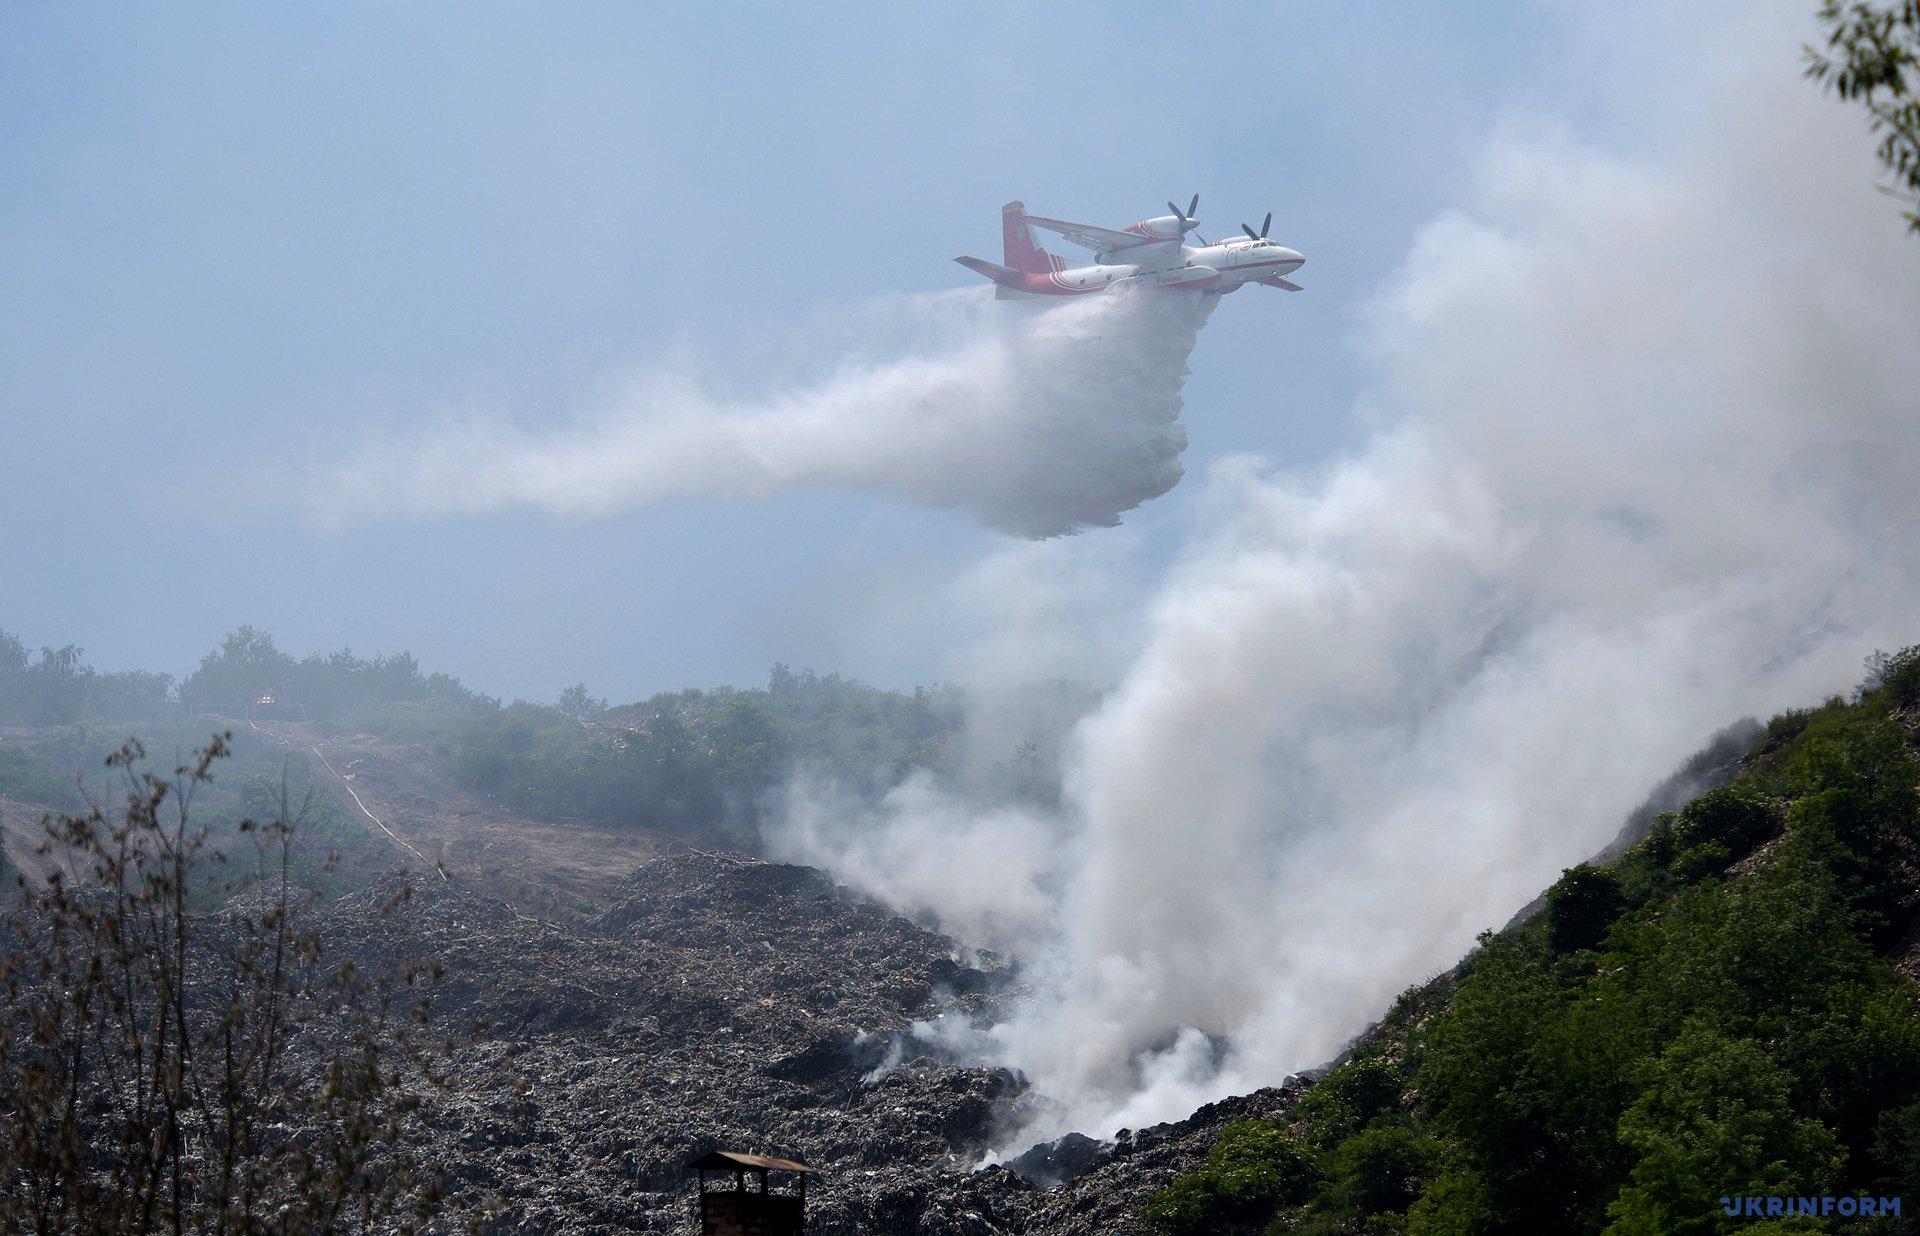 К ликвидации пожара на Грибовецкой свалке привлекли авиацию / Фото: Маркиян Лысейко, Укринформ